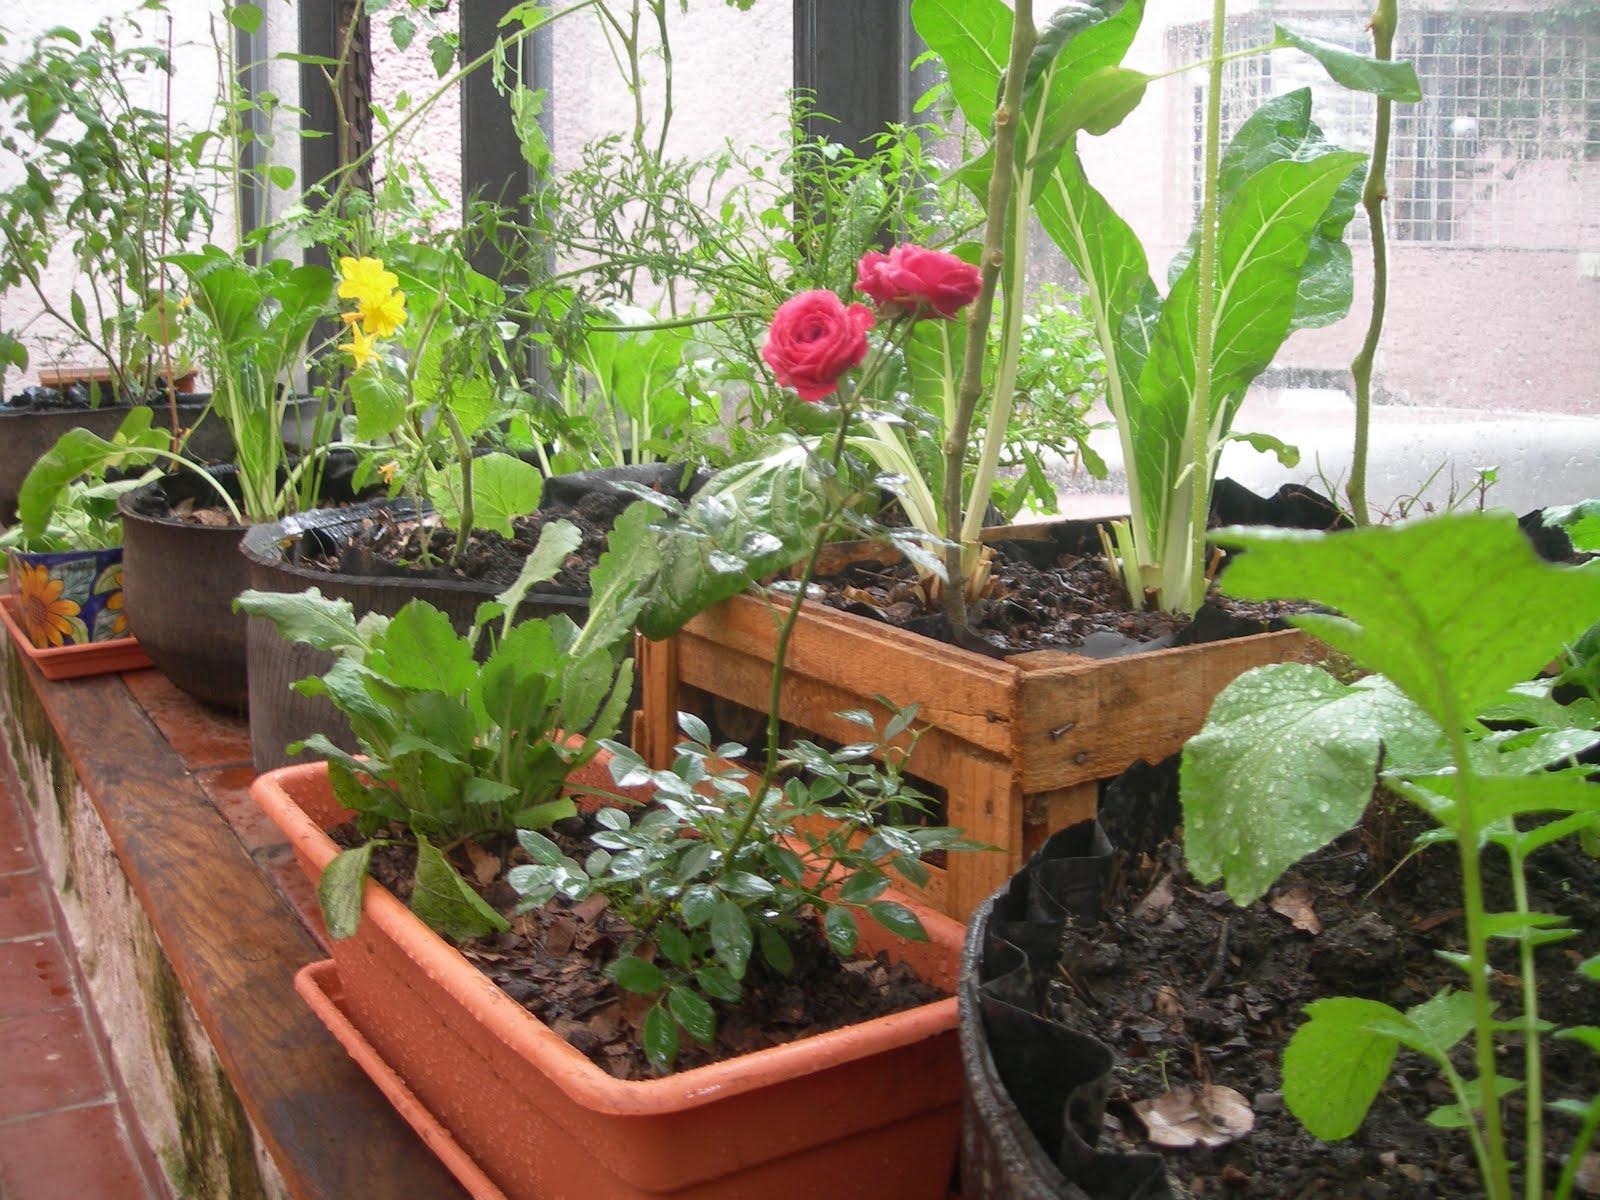 Asociaci n de plantas en el huerto el huerto de urbanoel for Asociacion cultivos huerto urbano